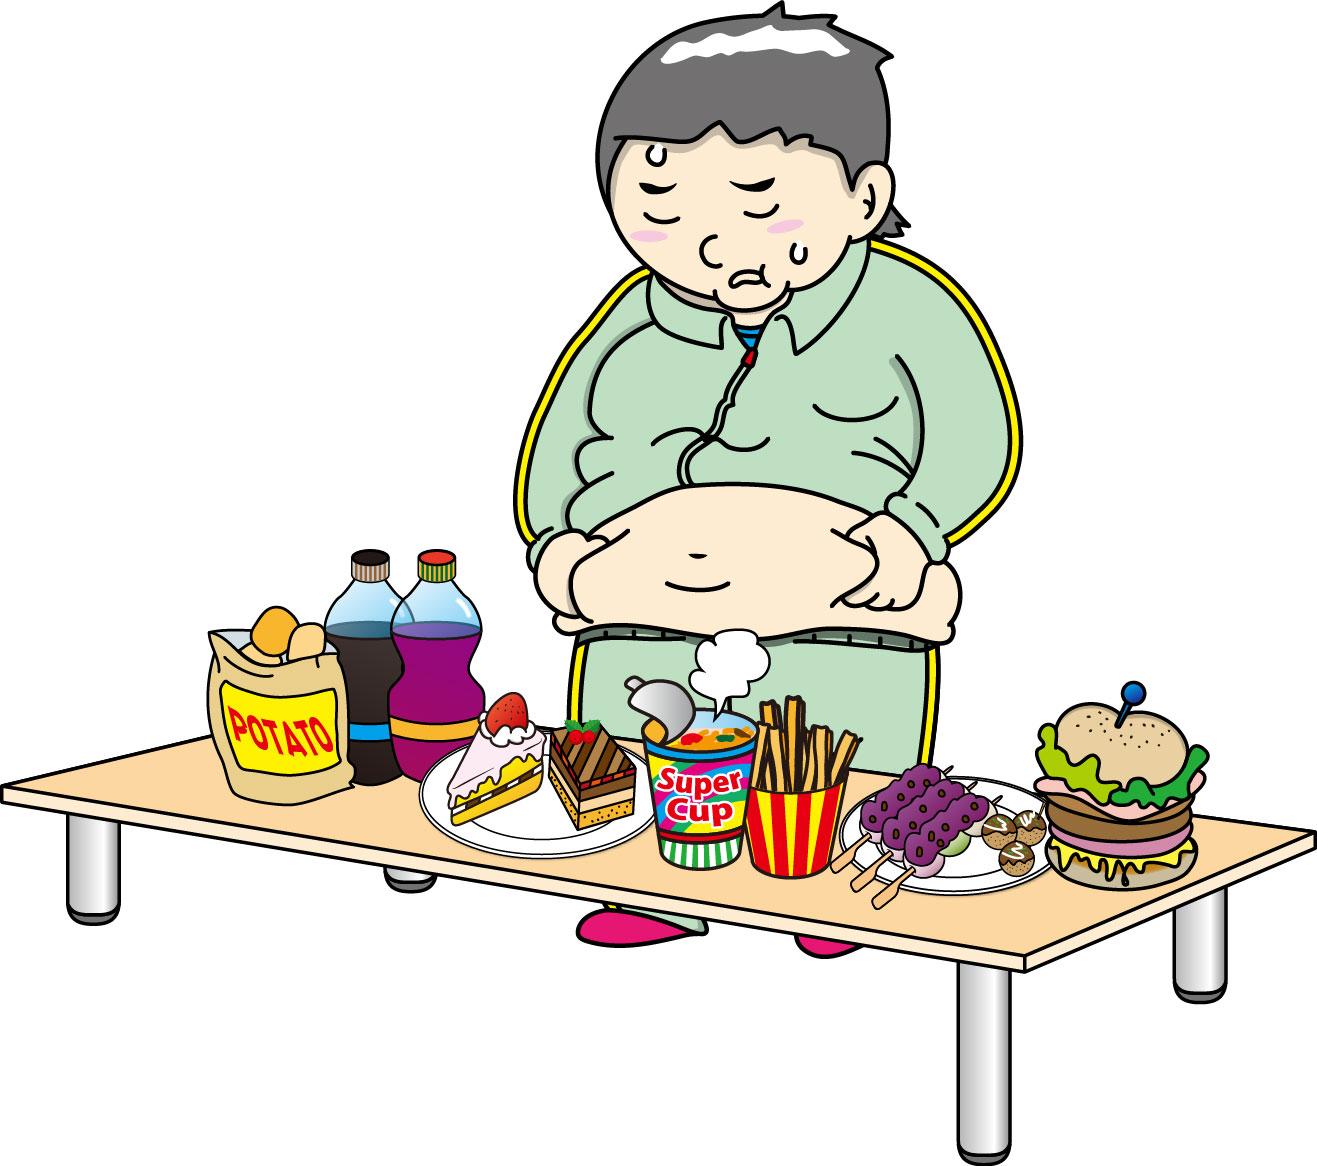 糖尿病治療のために糖質制限を開始。血糖値は安定